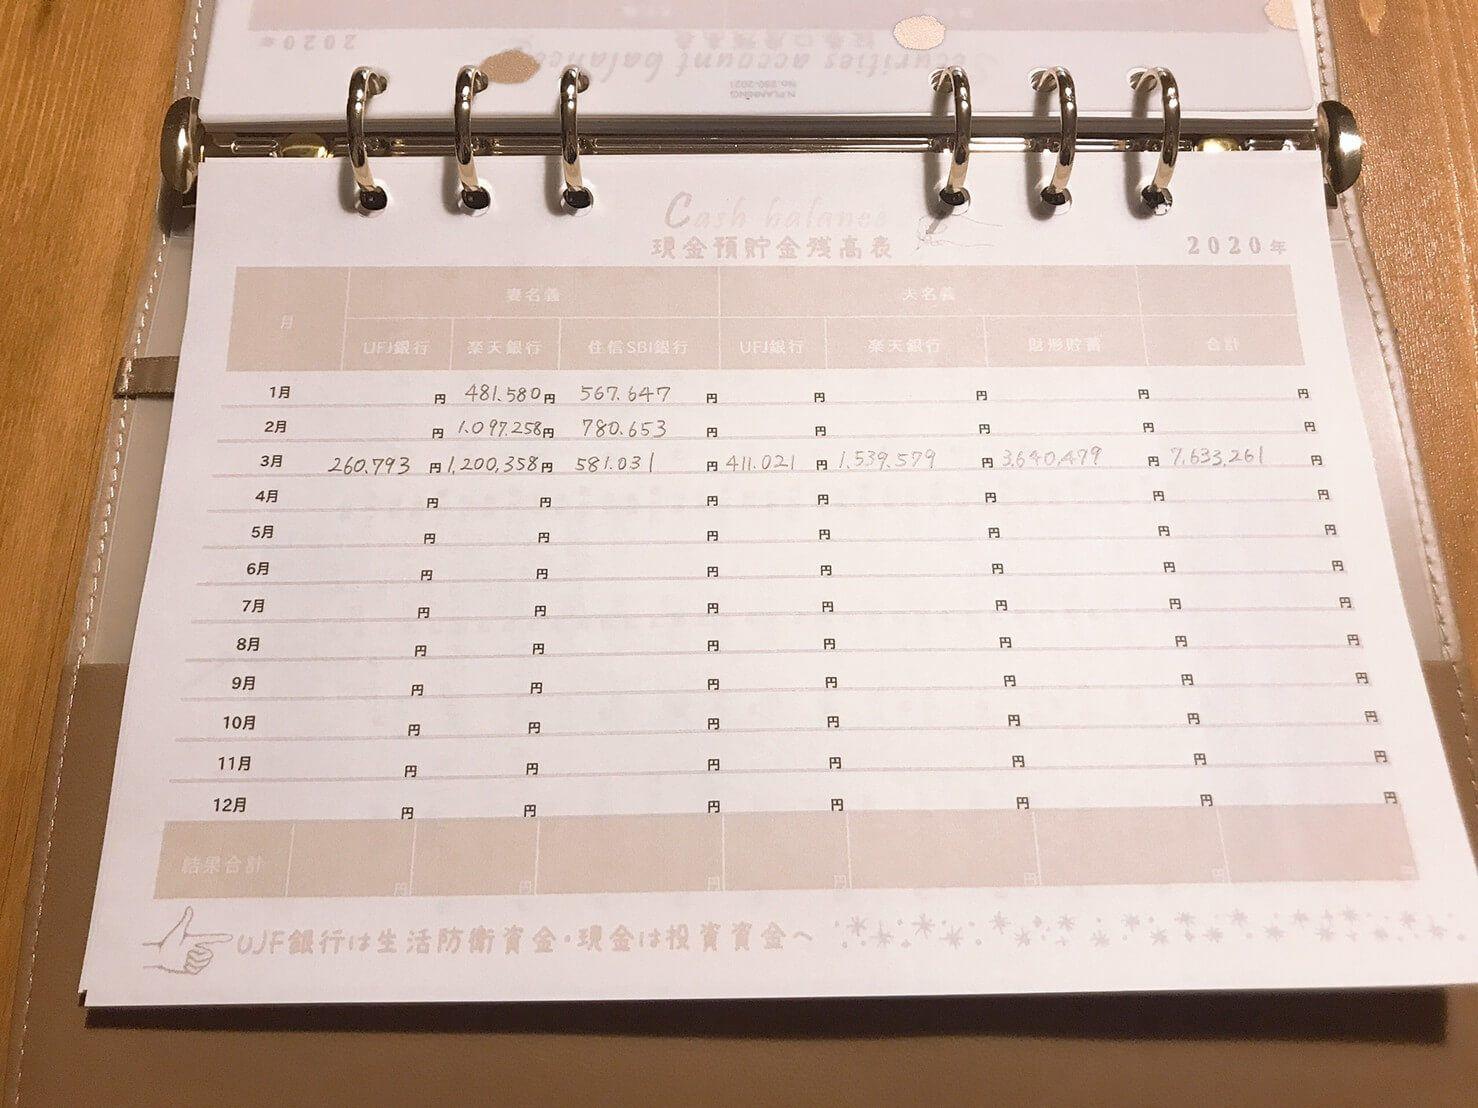 ボード 家計簿 のピン